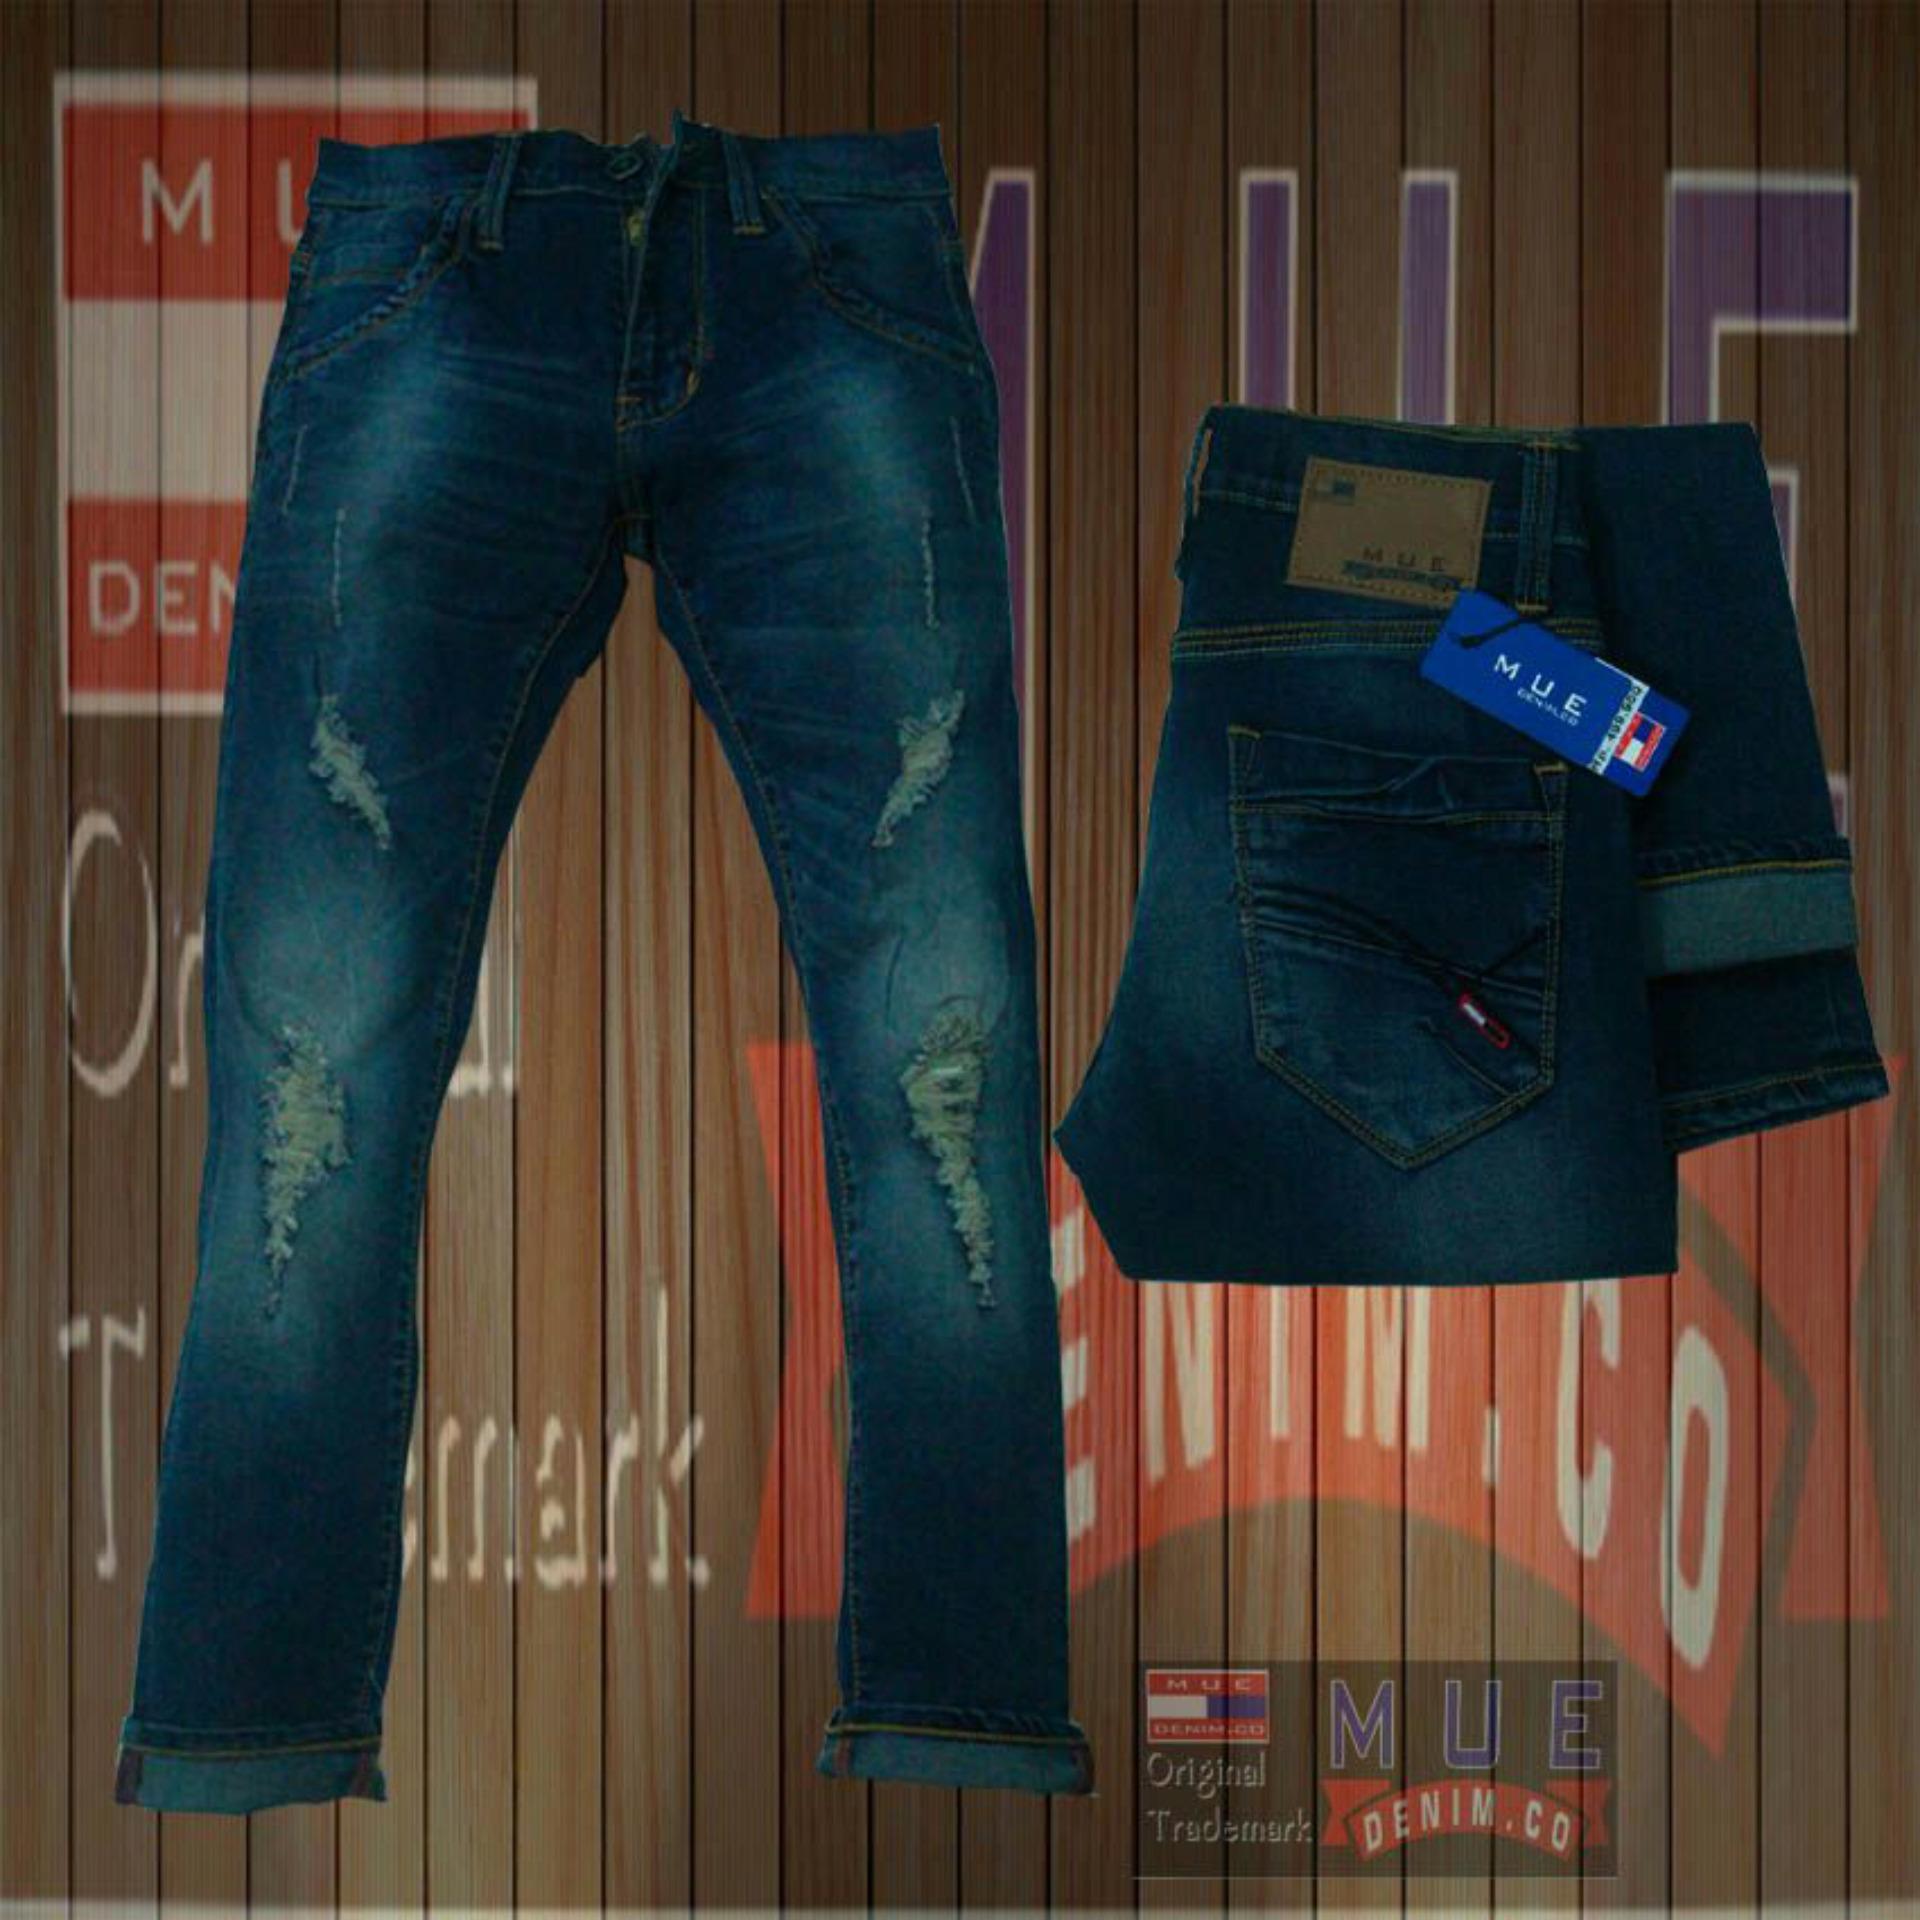 Mue Denim Co Celana Panjang Pria Model Sobek Bahan Soft Jeans Streets Pants Terbaru Indonesia